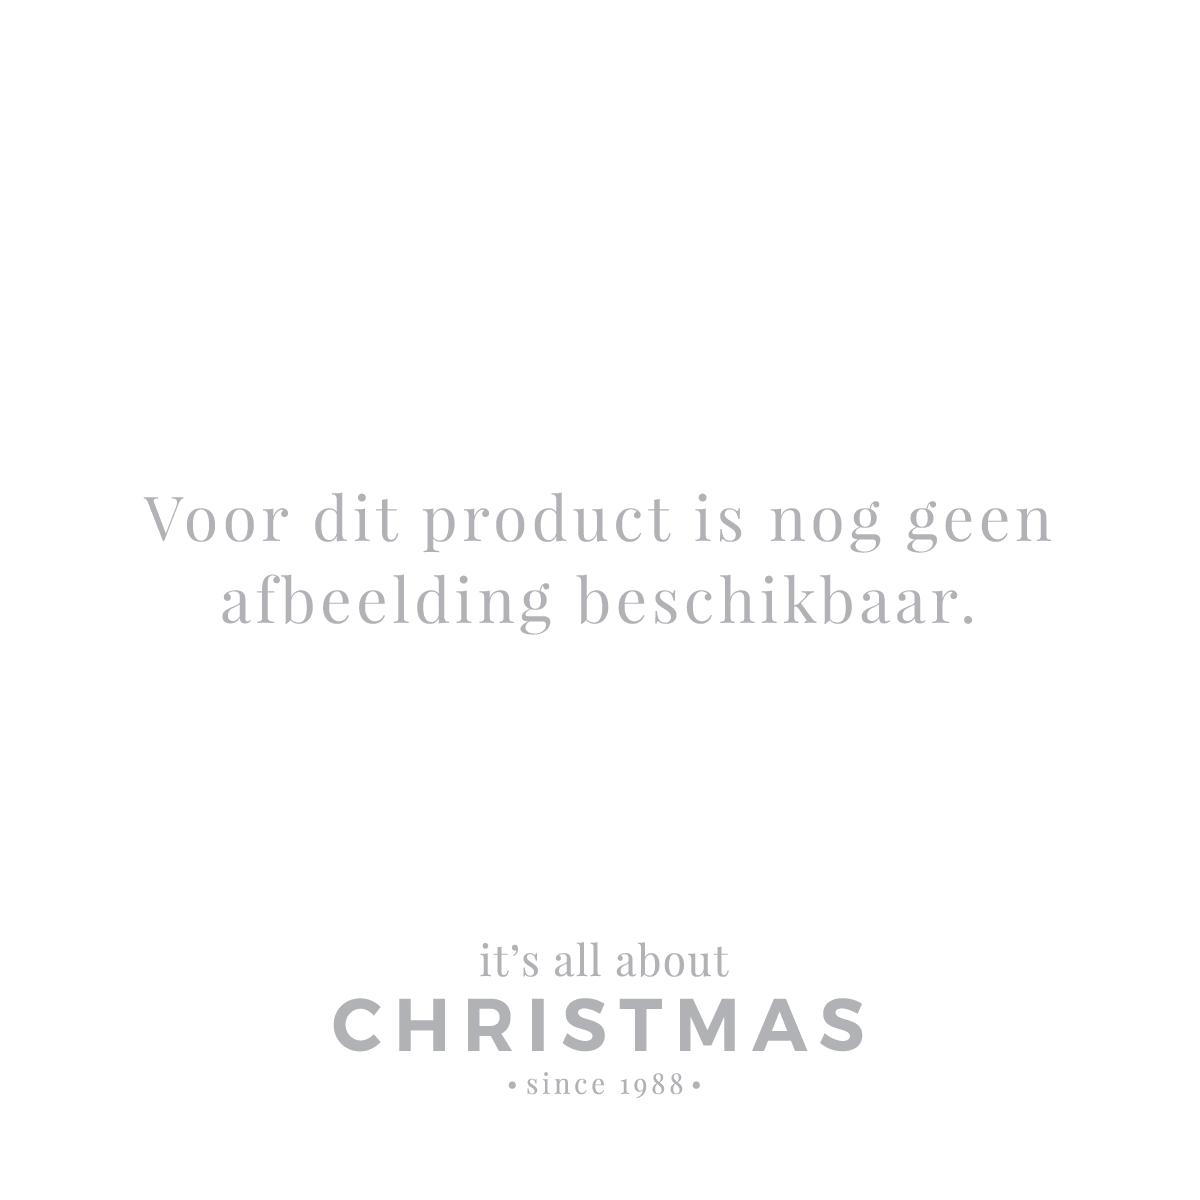 44 glazen kerstballen zwart in koffer